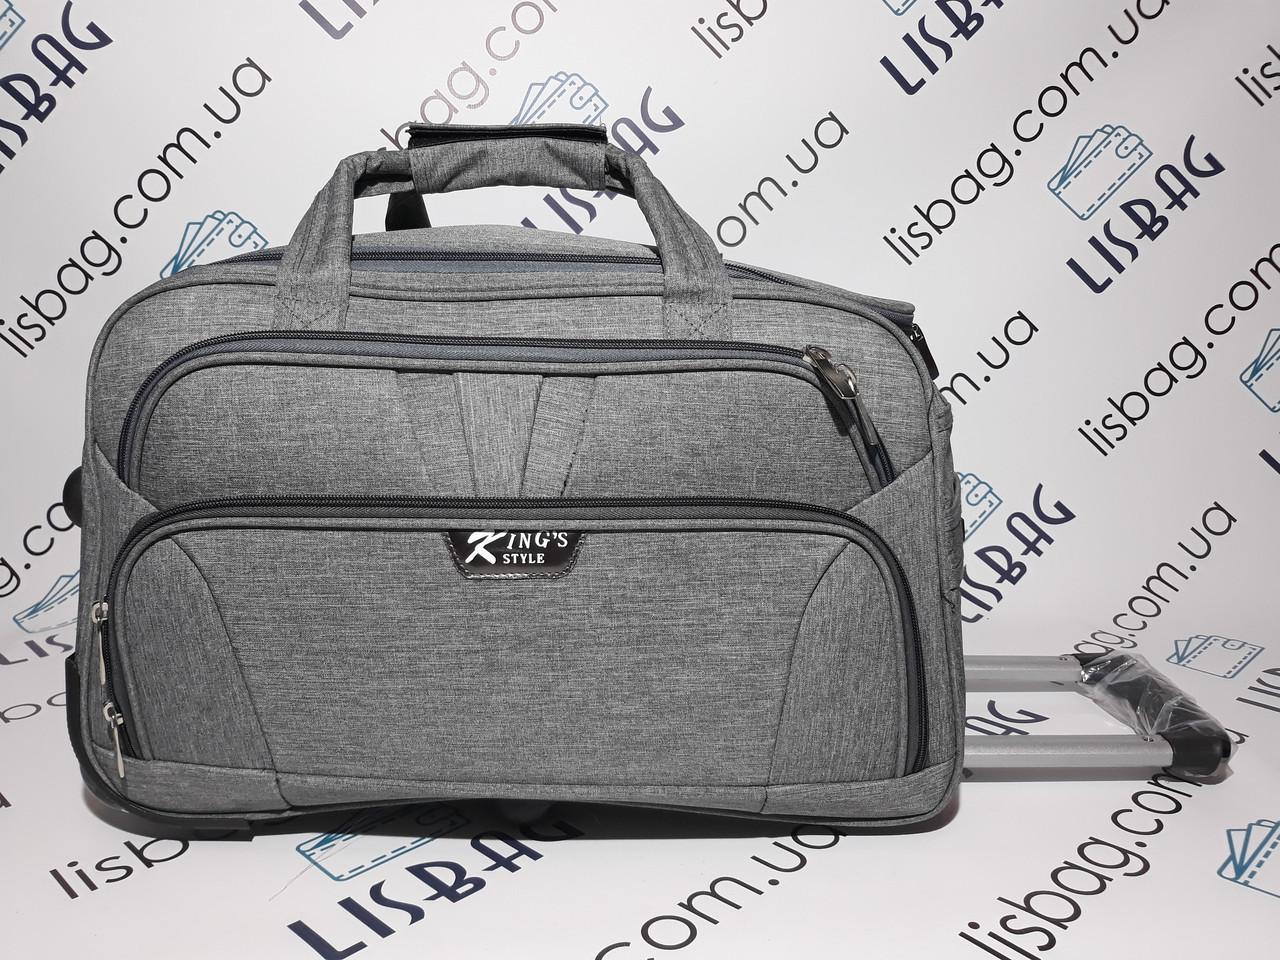 3d15258417c7 Большая сумка на колесах L (80 л) Серая (64*39*32) Чемодан дорожная ...